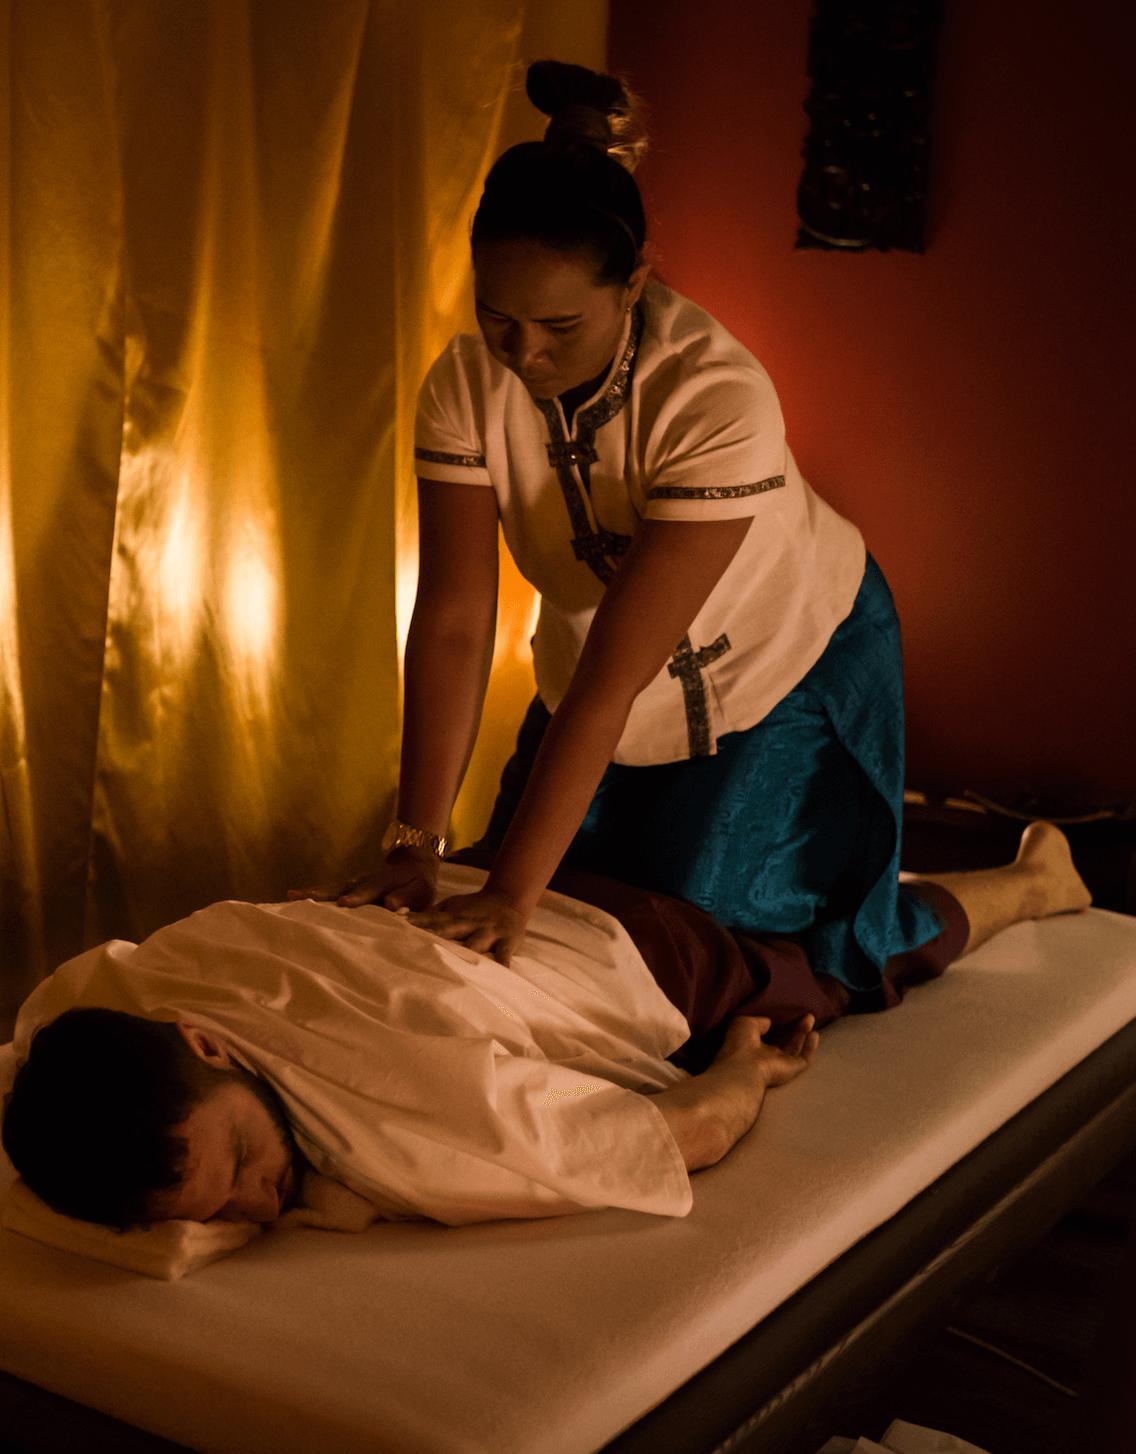 salon masażu gliwice